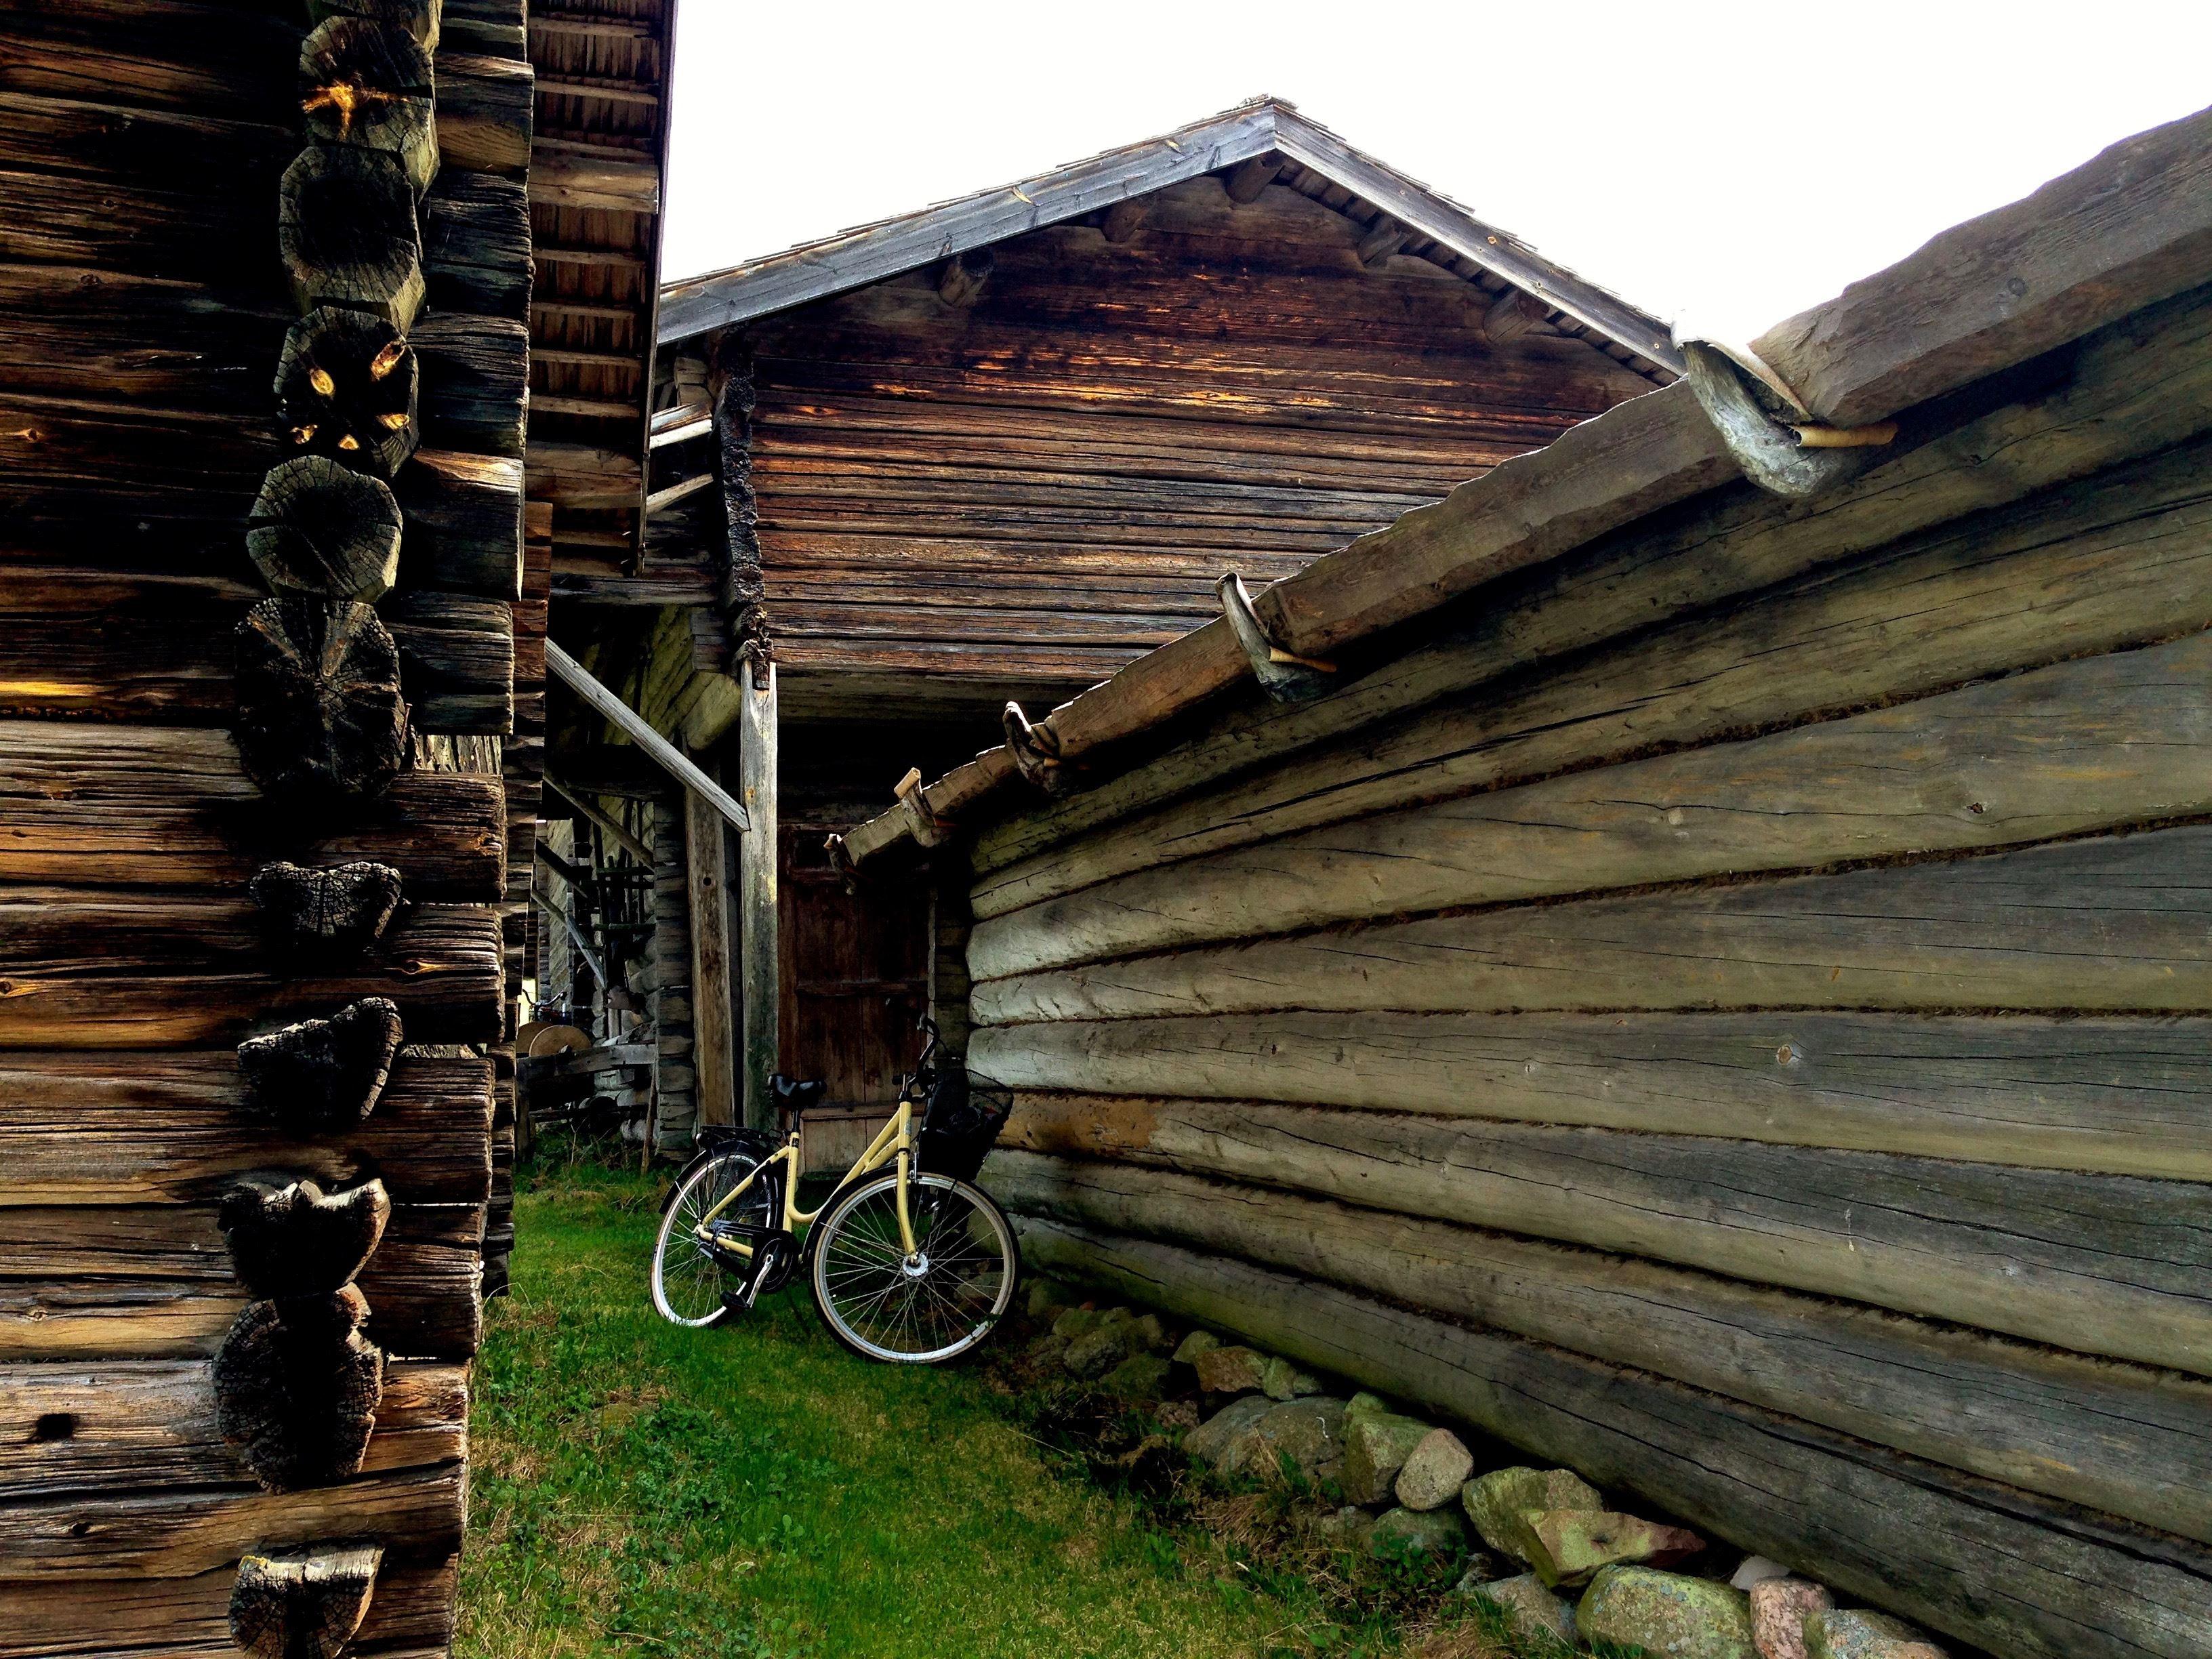 Cykelturistveckan 2018 Rättvik